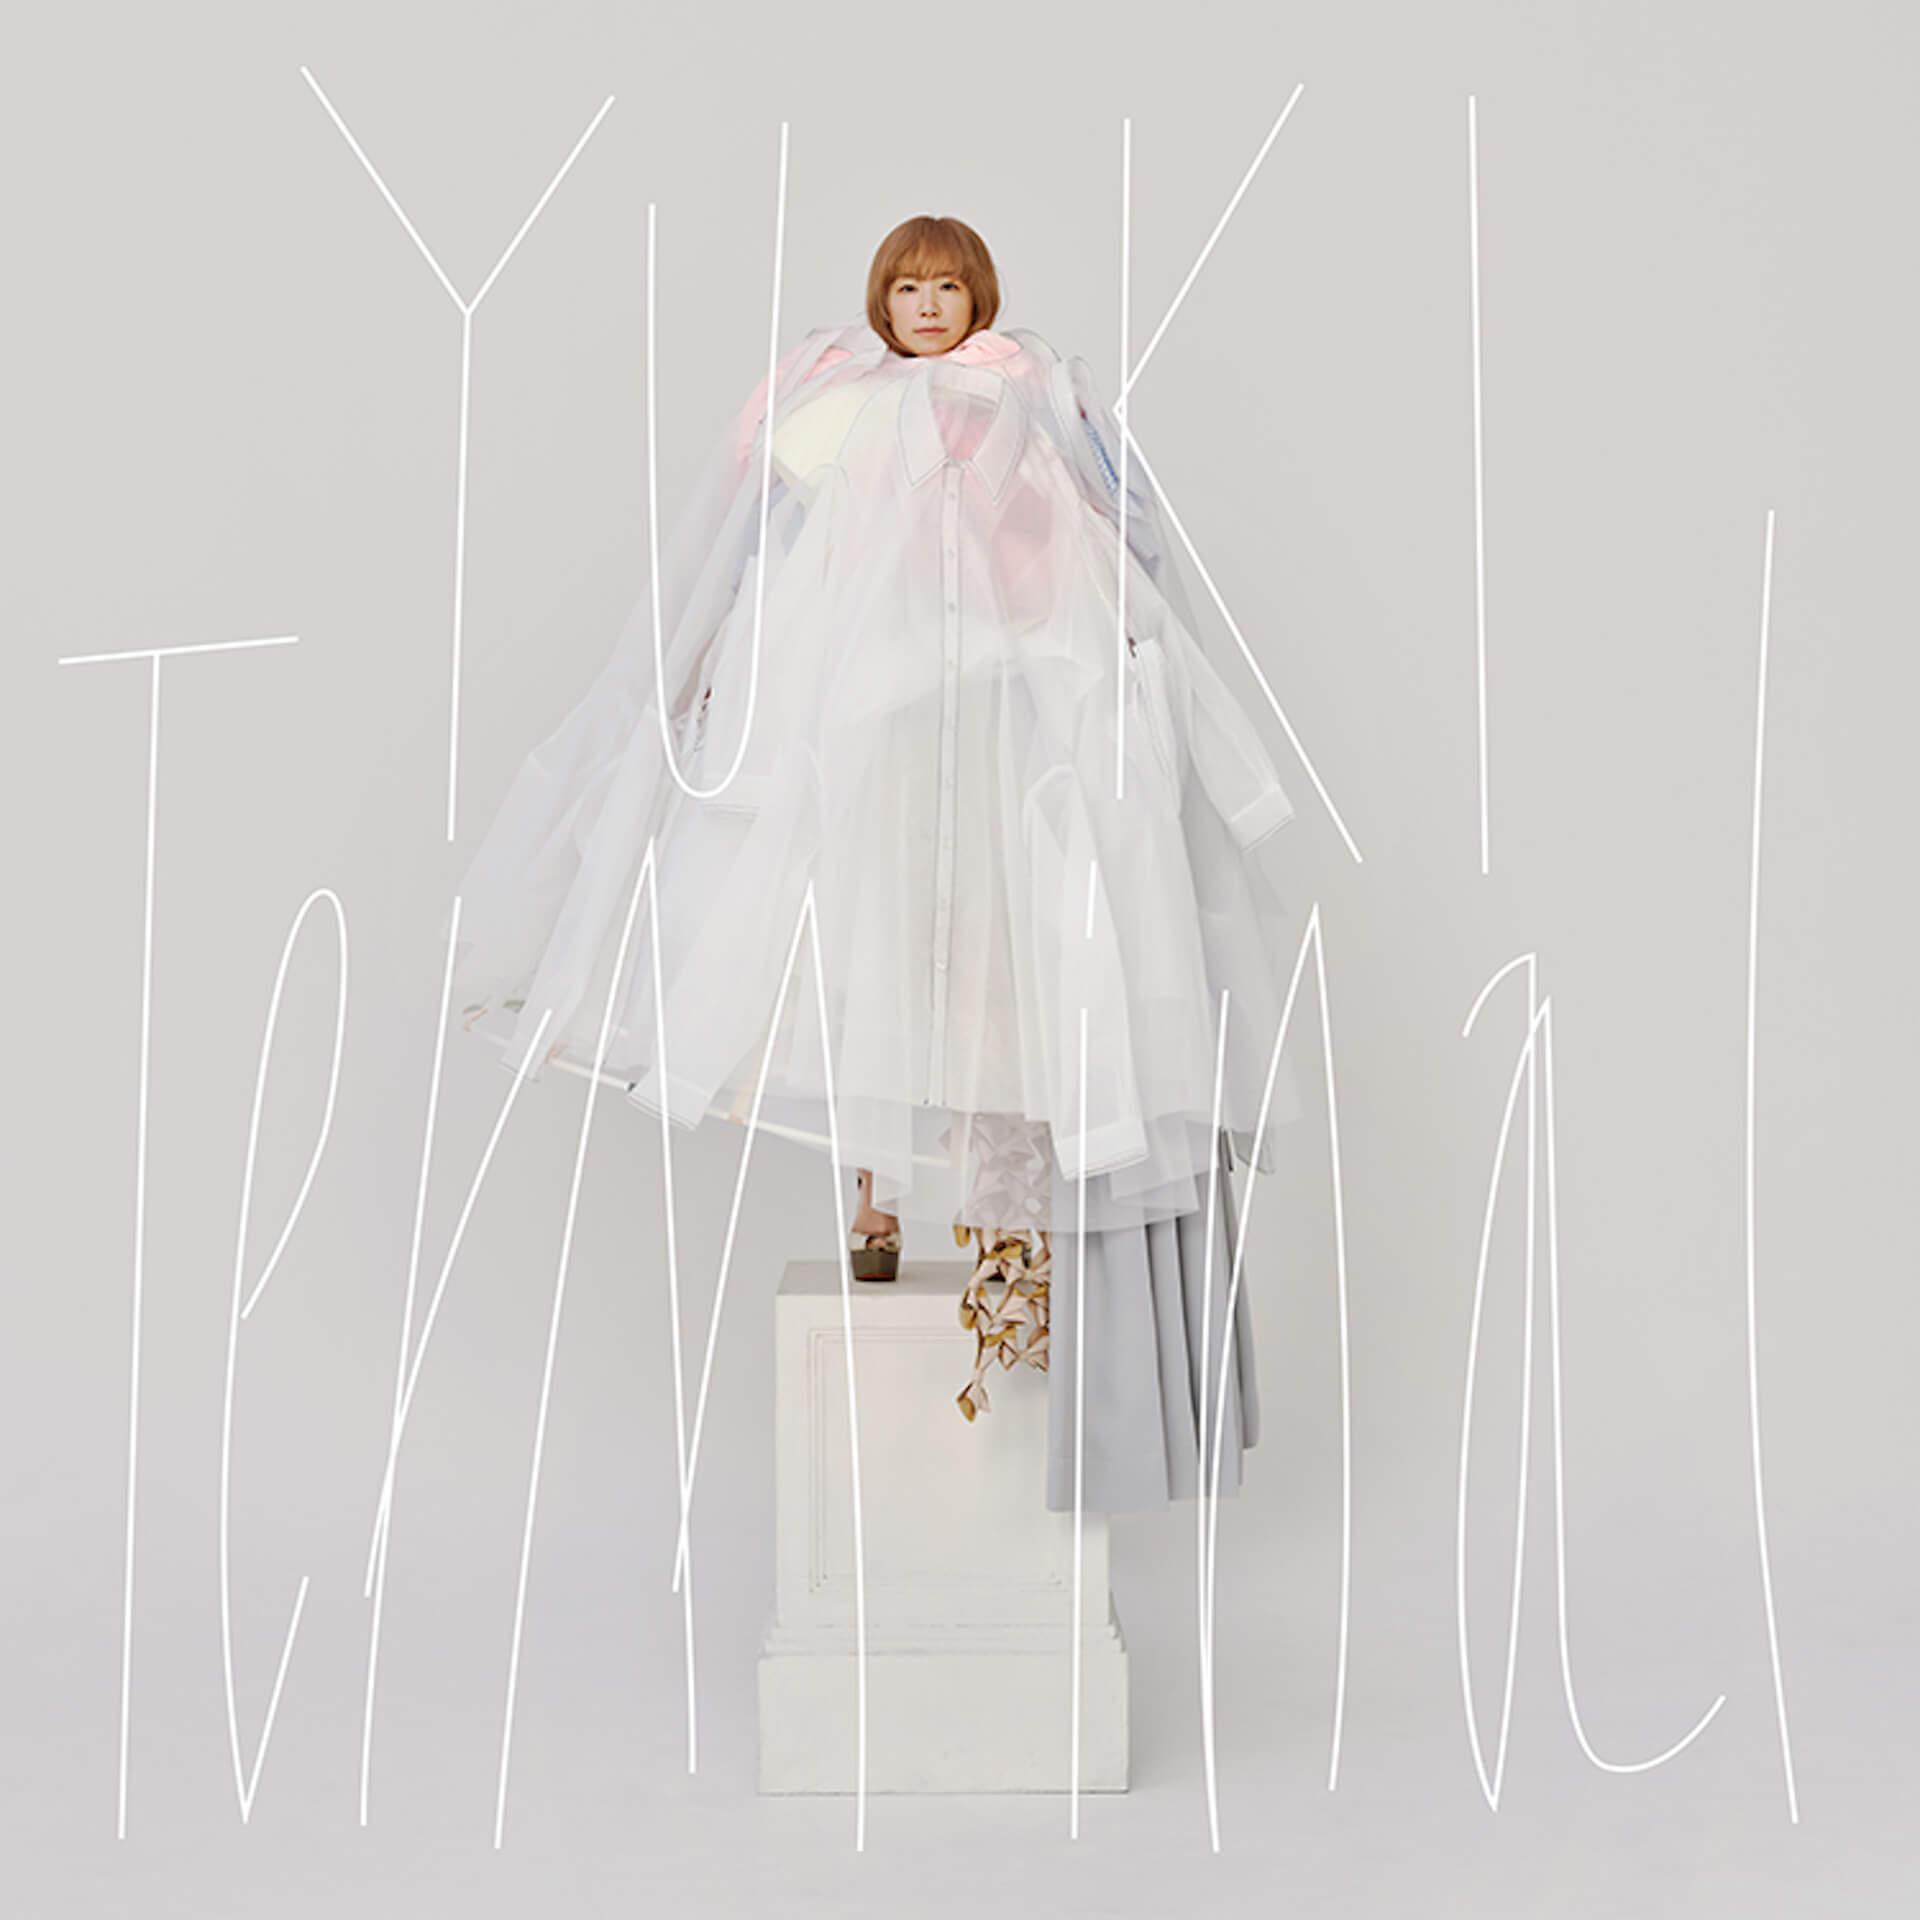 YUKIの最新アルバム『Terminal』のアナログ盤がリリース決定!生産数限定で販売 music210625_yuki_lp_3